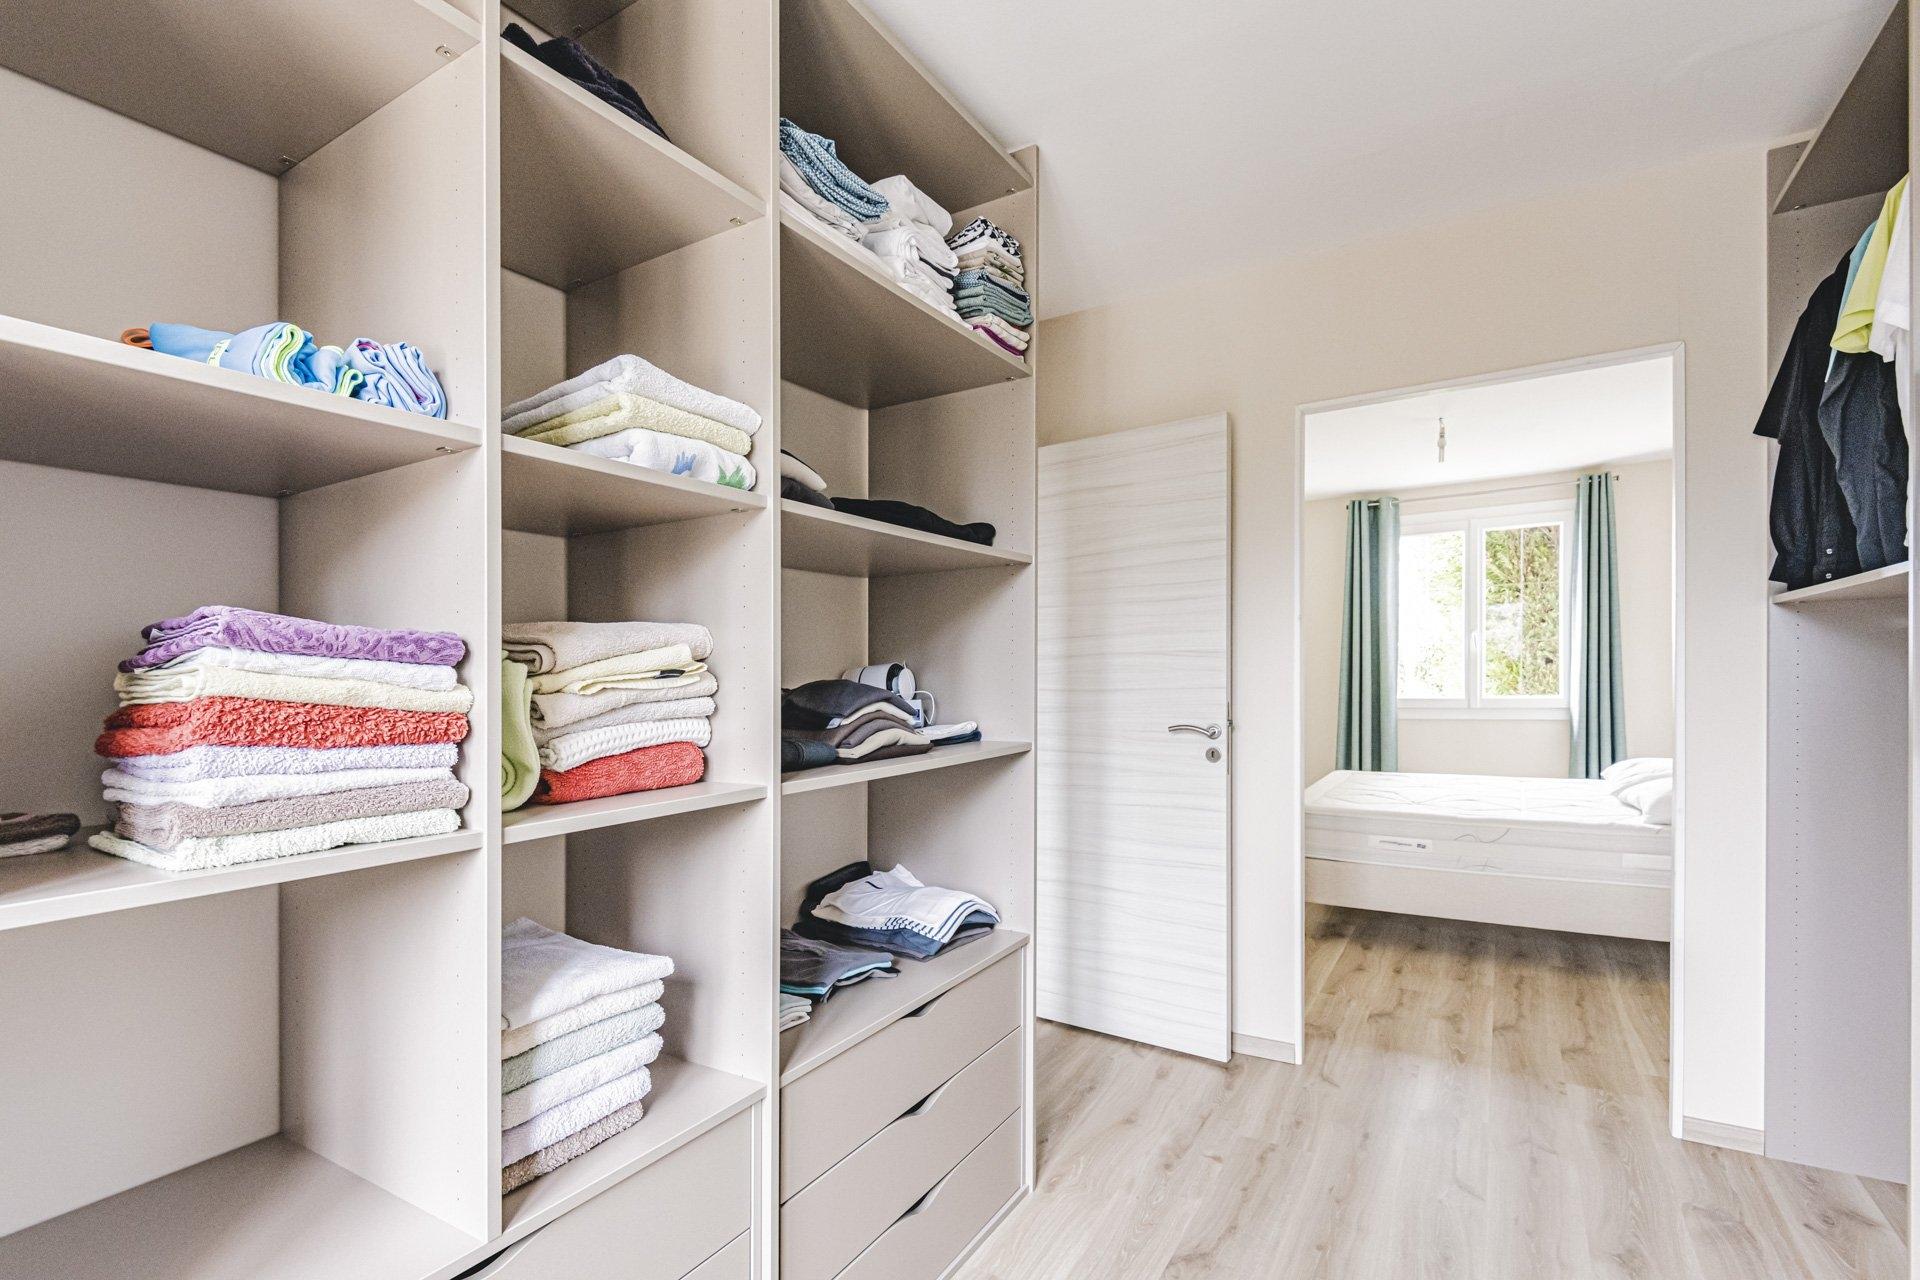 Maison Bouleuse 6 Pièces 140 m2 - 10